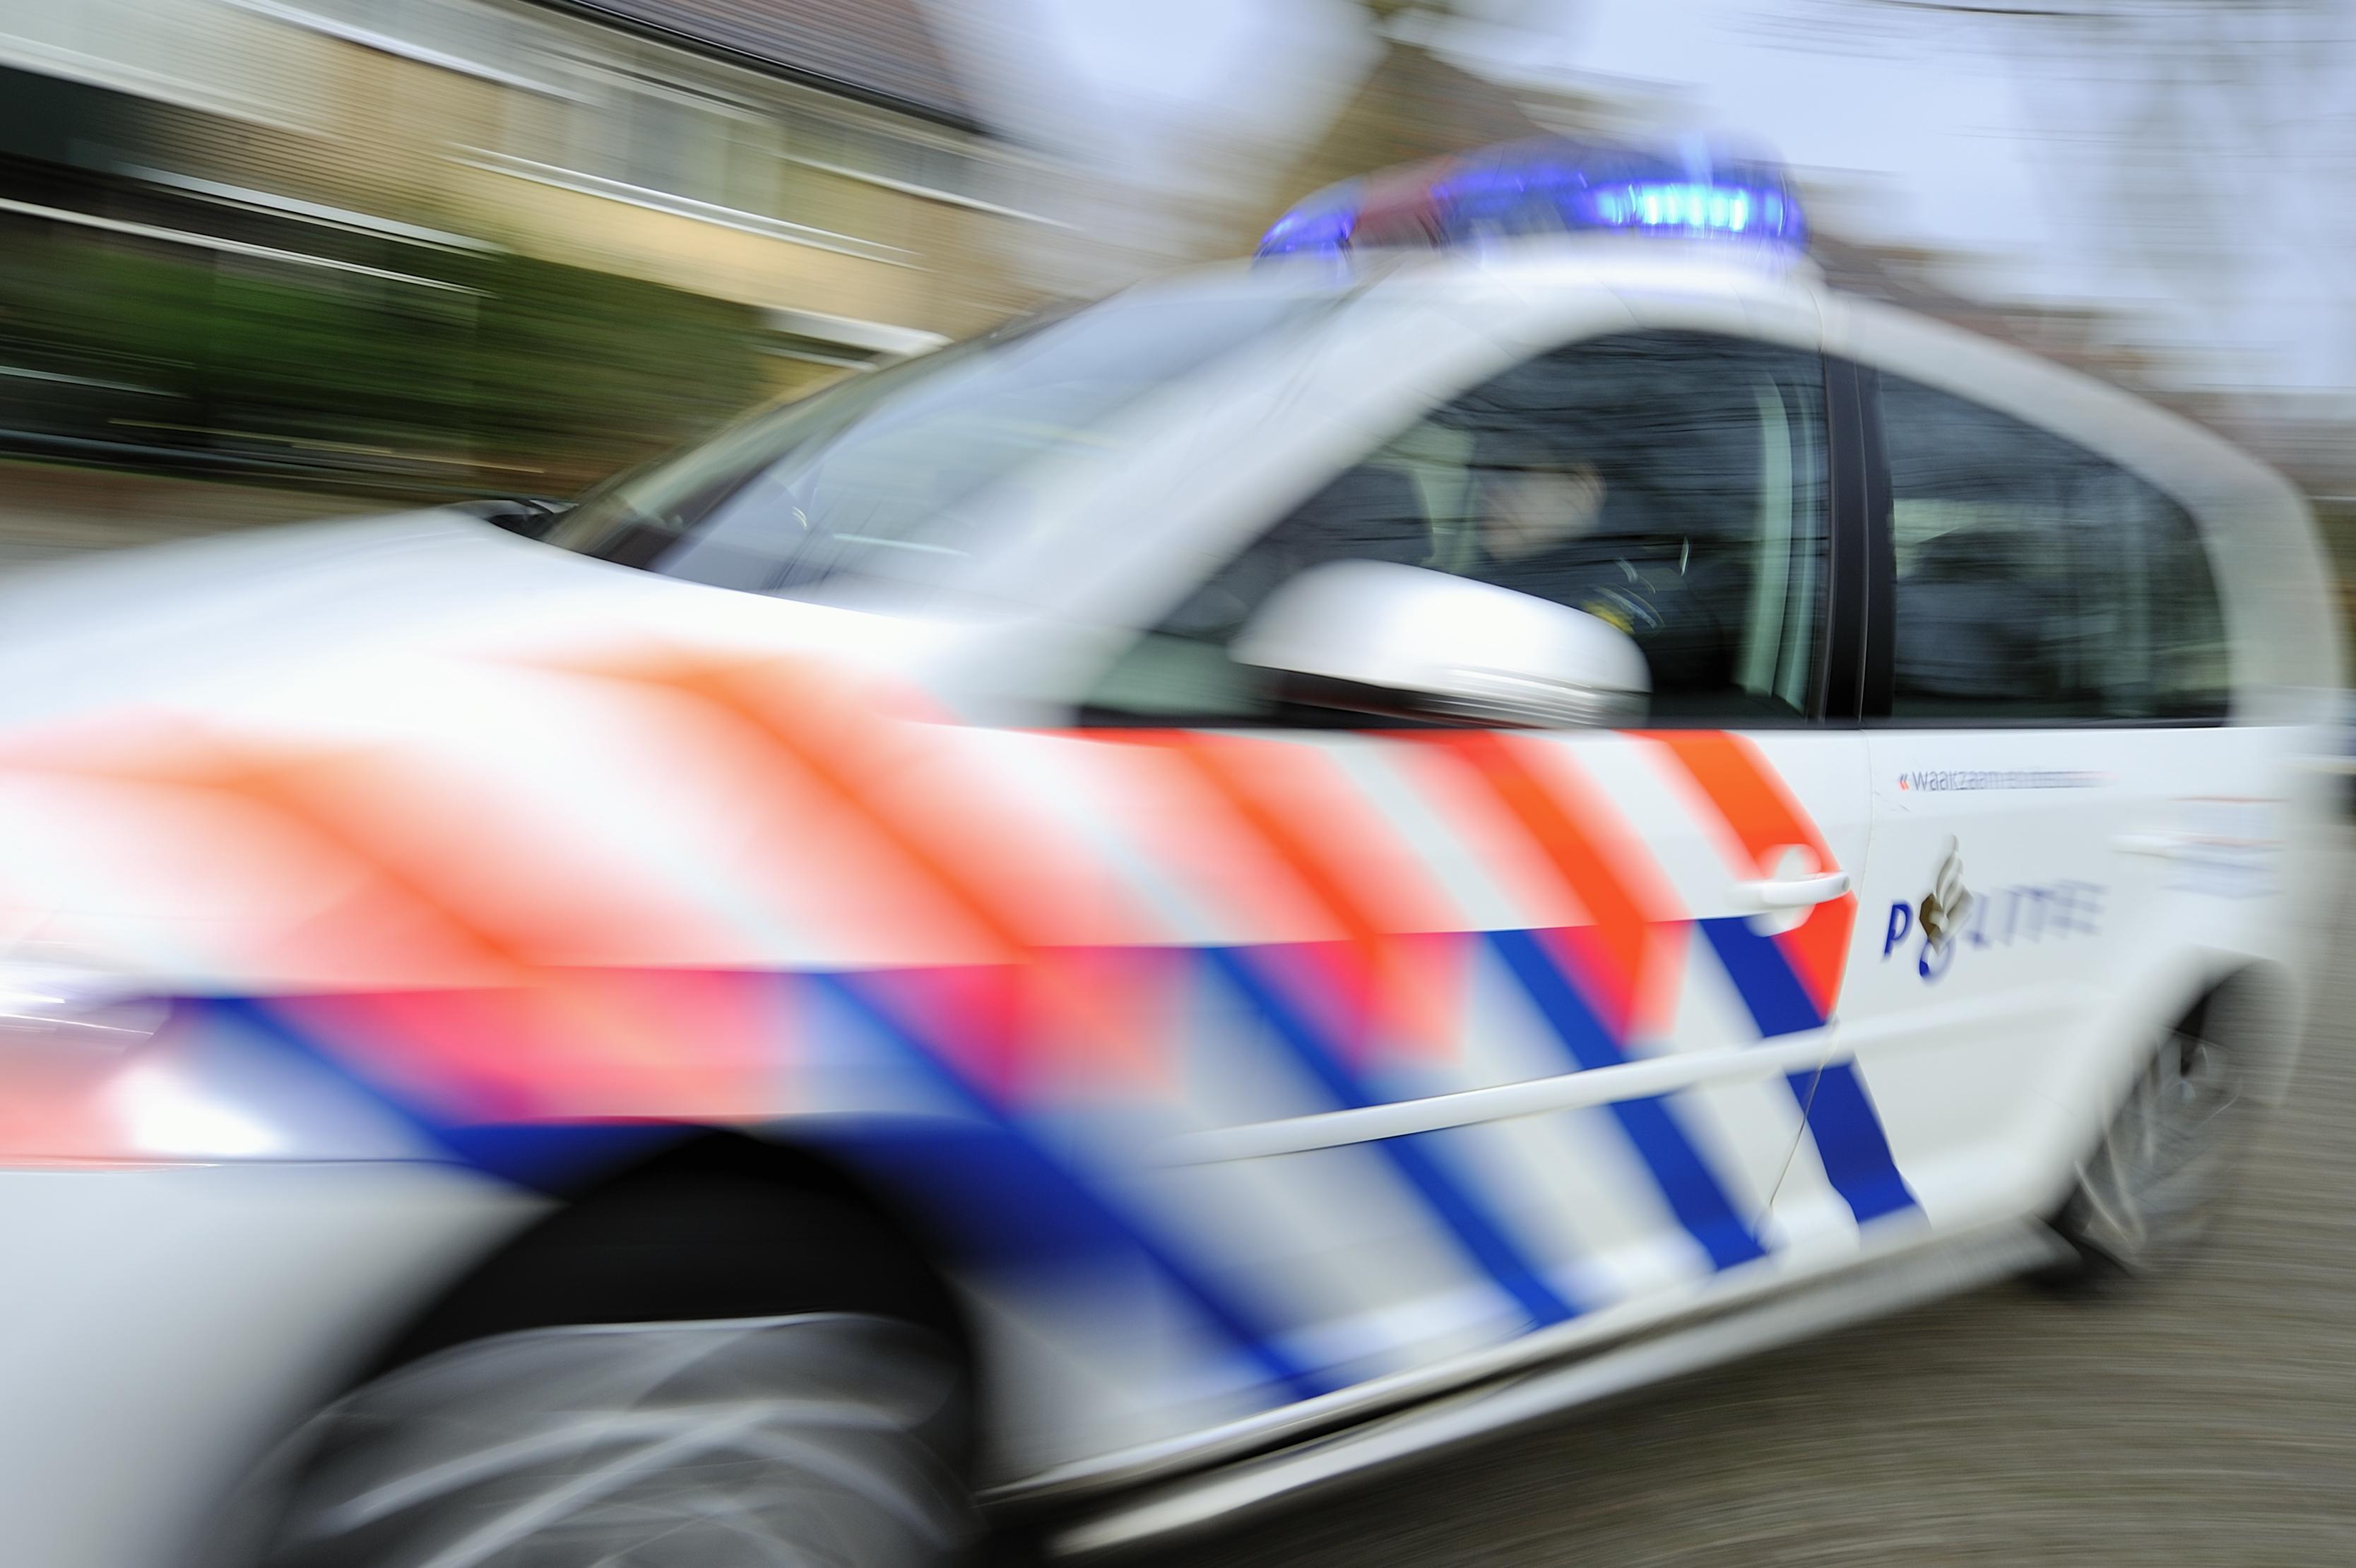 Burgemeesters IJmondgemeenten: 'Hou wijkagenten buiten schot bij geschuif met personeel wegens groeiende tekorten binnen politie'